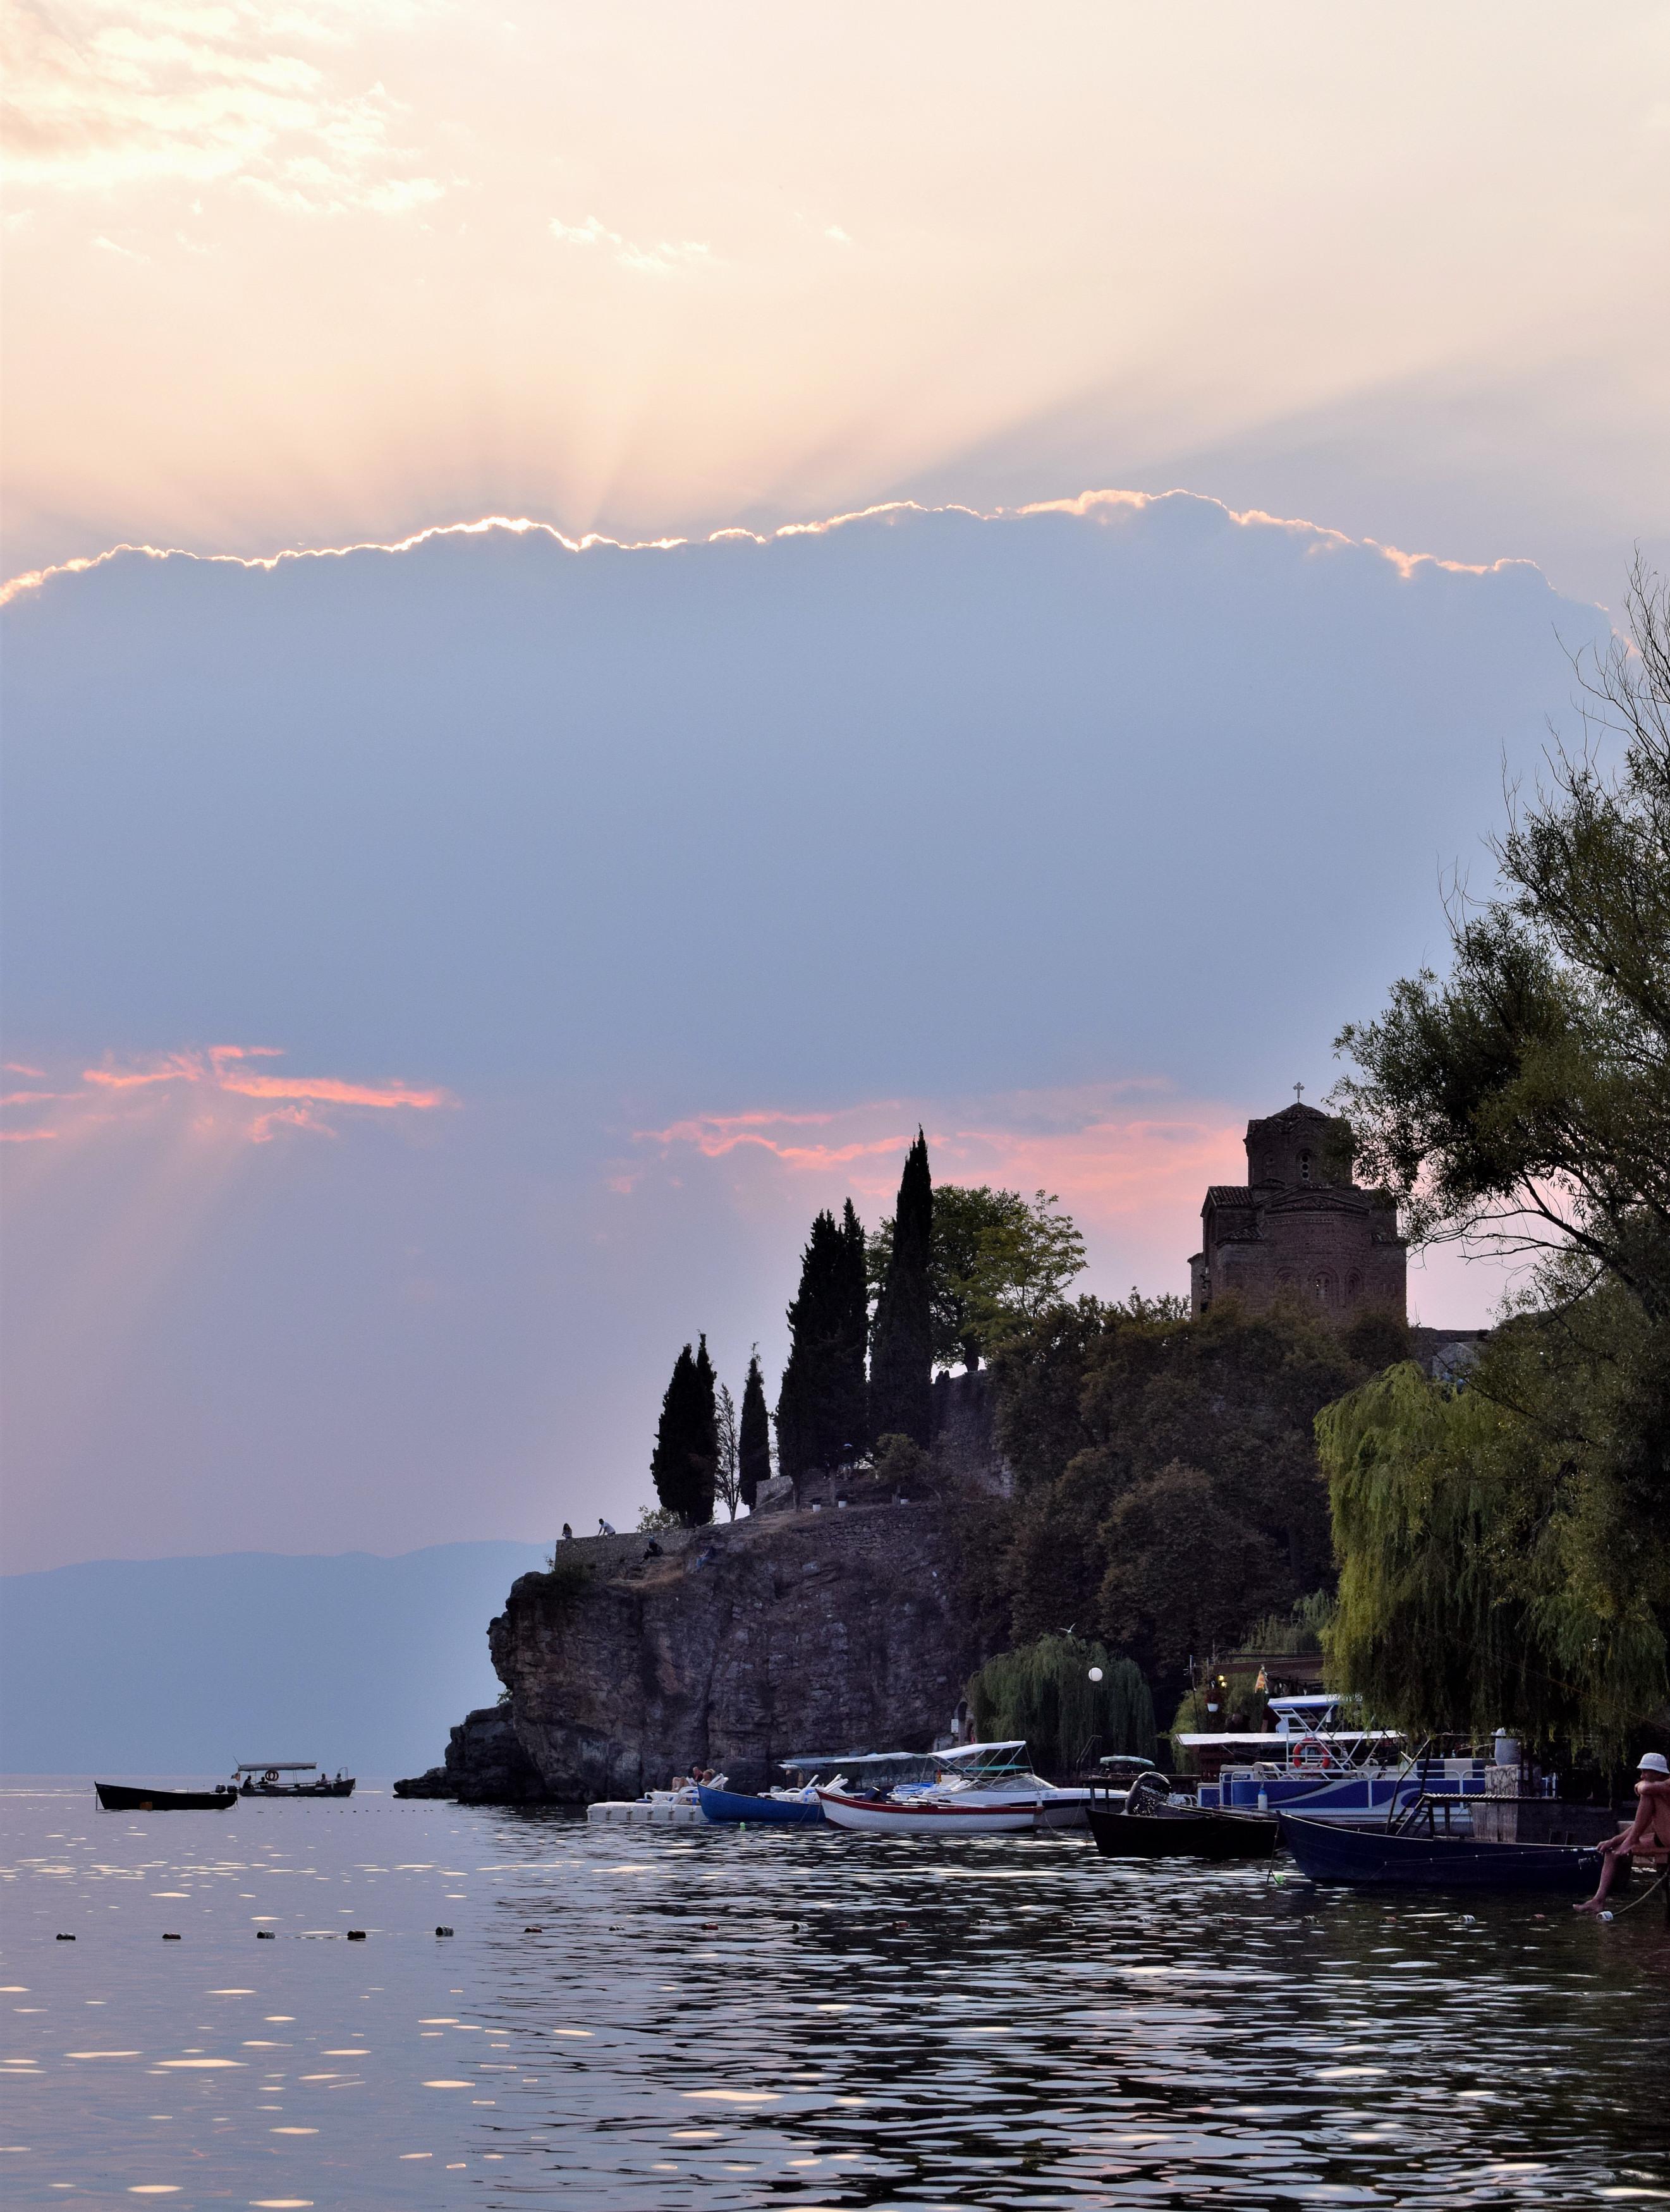 A St. Jovan Kaneo közvetlenül a parton található, gyönyörű kilátás nyílik mellőle, illetve bemenni is érdemes, ugyanis itt rengeteg eredeti freskó maradt meg, amik gyönyörűek. (Illetve, ha valaki nem annyira szeret városnézés címén templomokat végigjárni, ez egy kifejezetten kicsi, így biztosan nem válik unalmassá. Ha egy templomba akar valaki bemenni Ohridban, én mindenképp ezt ajánlanám.)